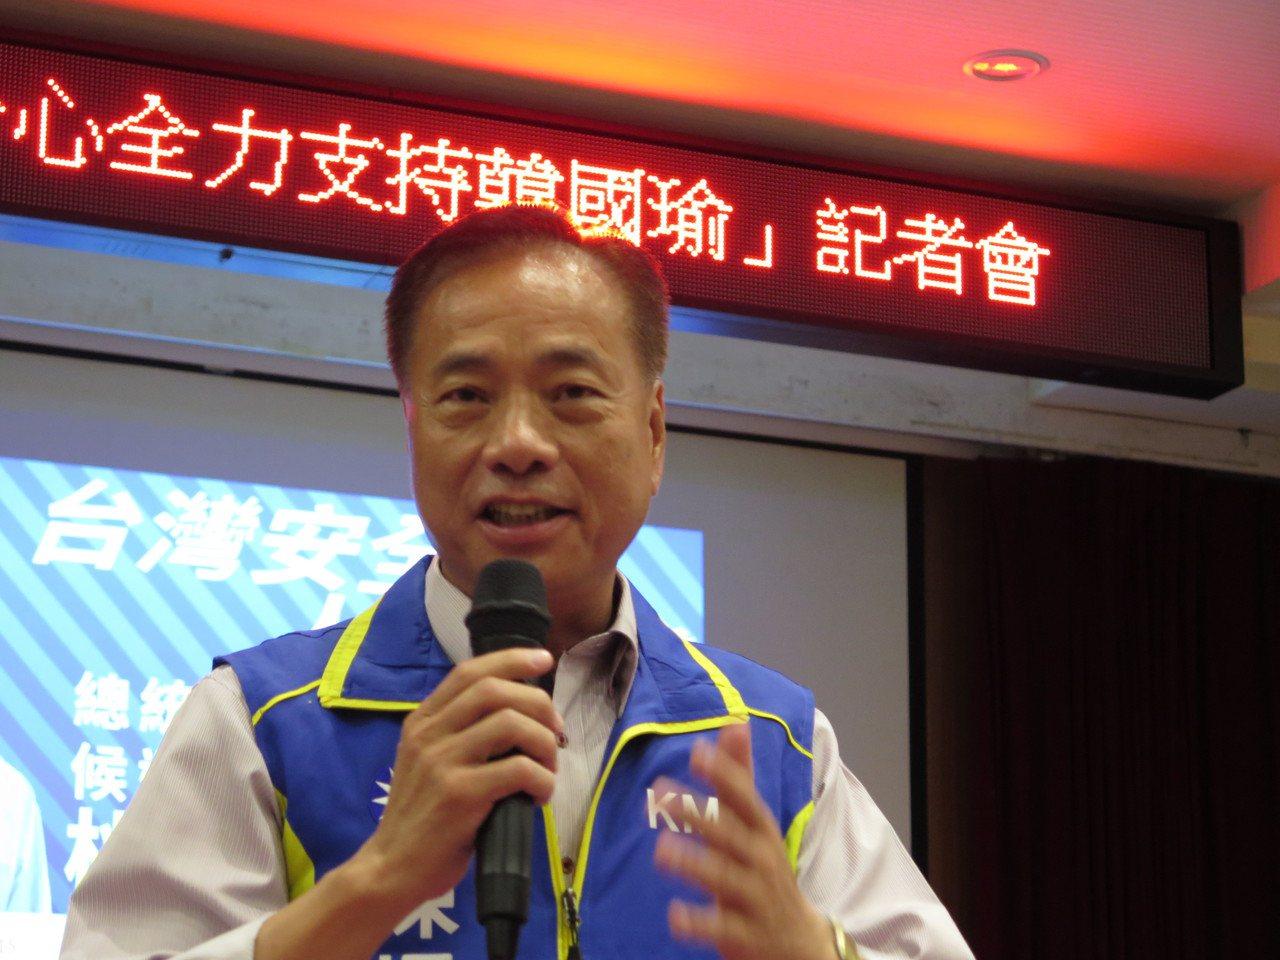 國民黨在第一選區提名陳根德回鍋參選,但詹江村有意參選,恐分裂藍營。圖/本報資料照